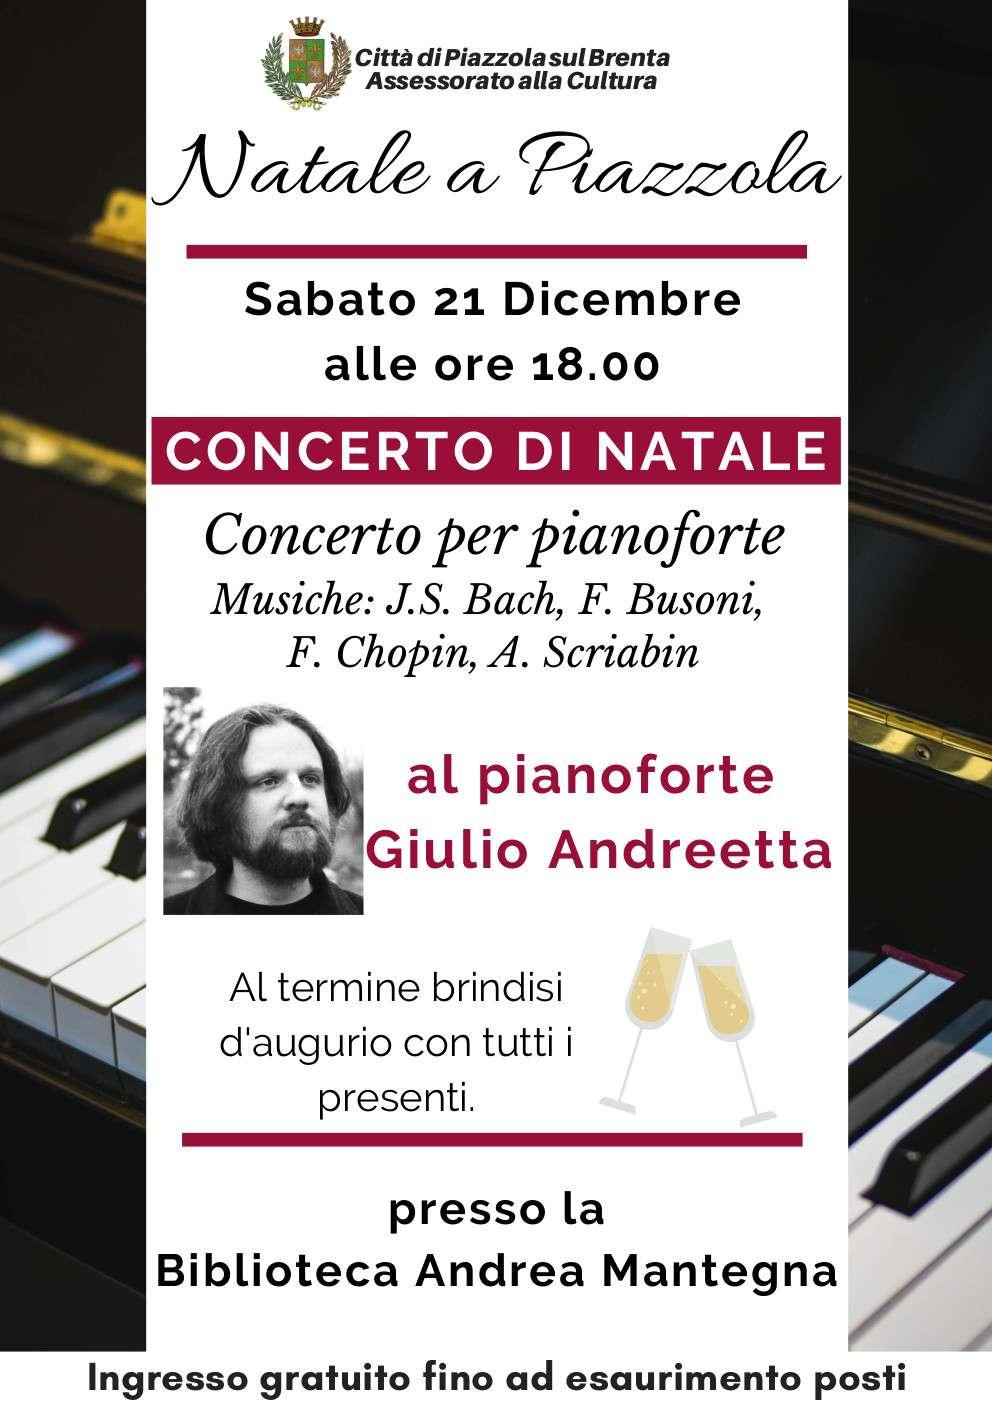 Concerto per pianoforte Musiche: J.S. Bach, F. Busoni, F. Chopin, A. Scriabin